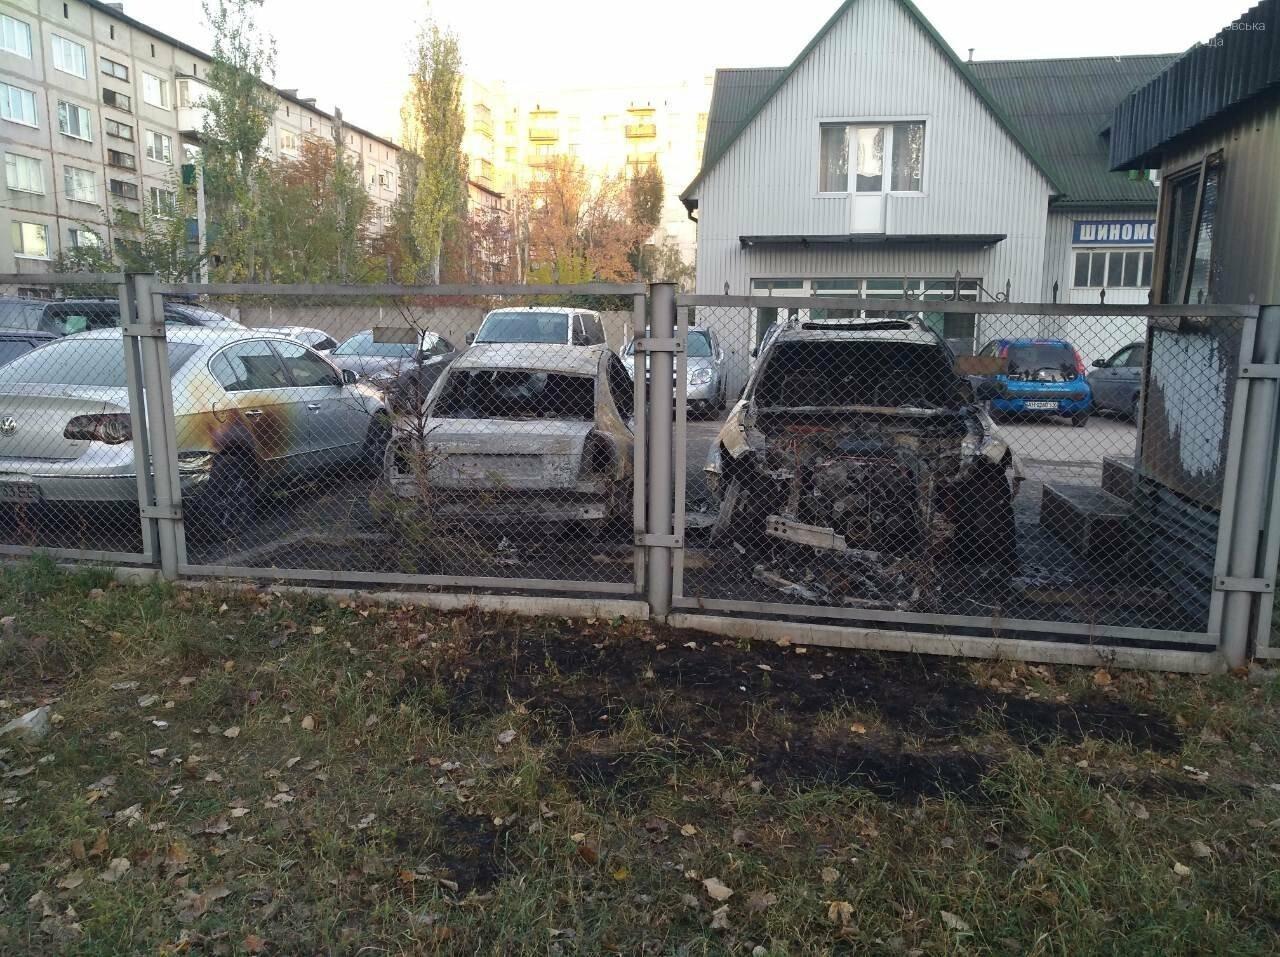 Поджог или  случайность: в Покровске этой ночью горели 4 автомобиля, фото-5